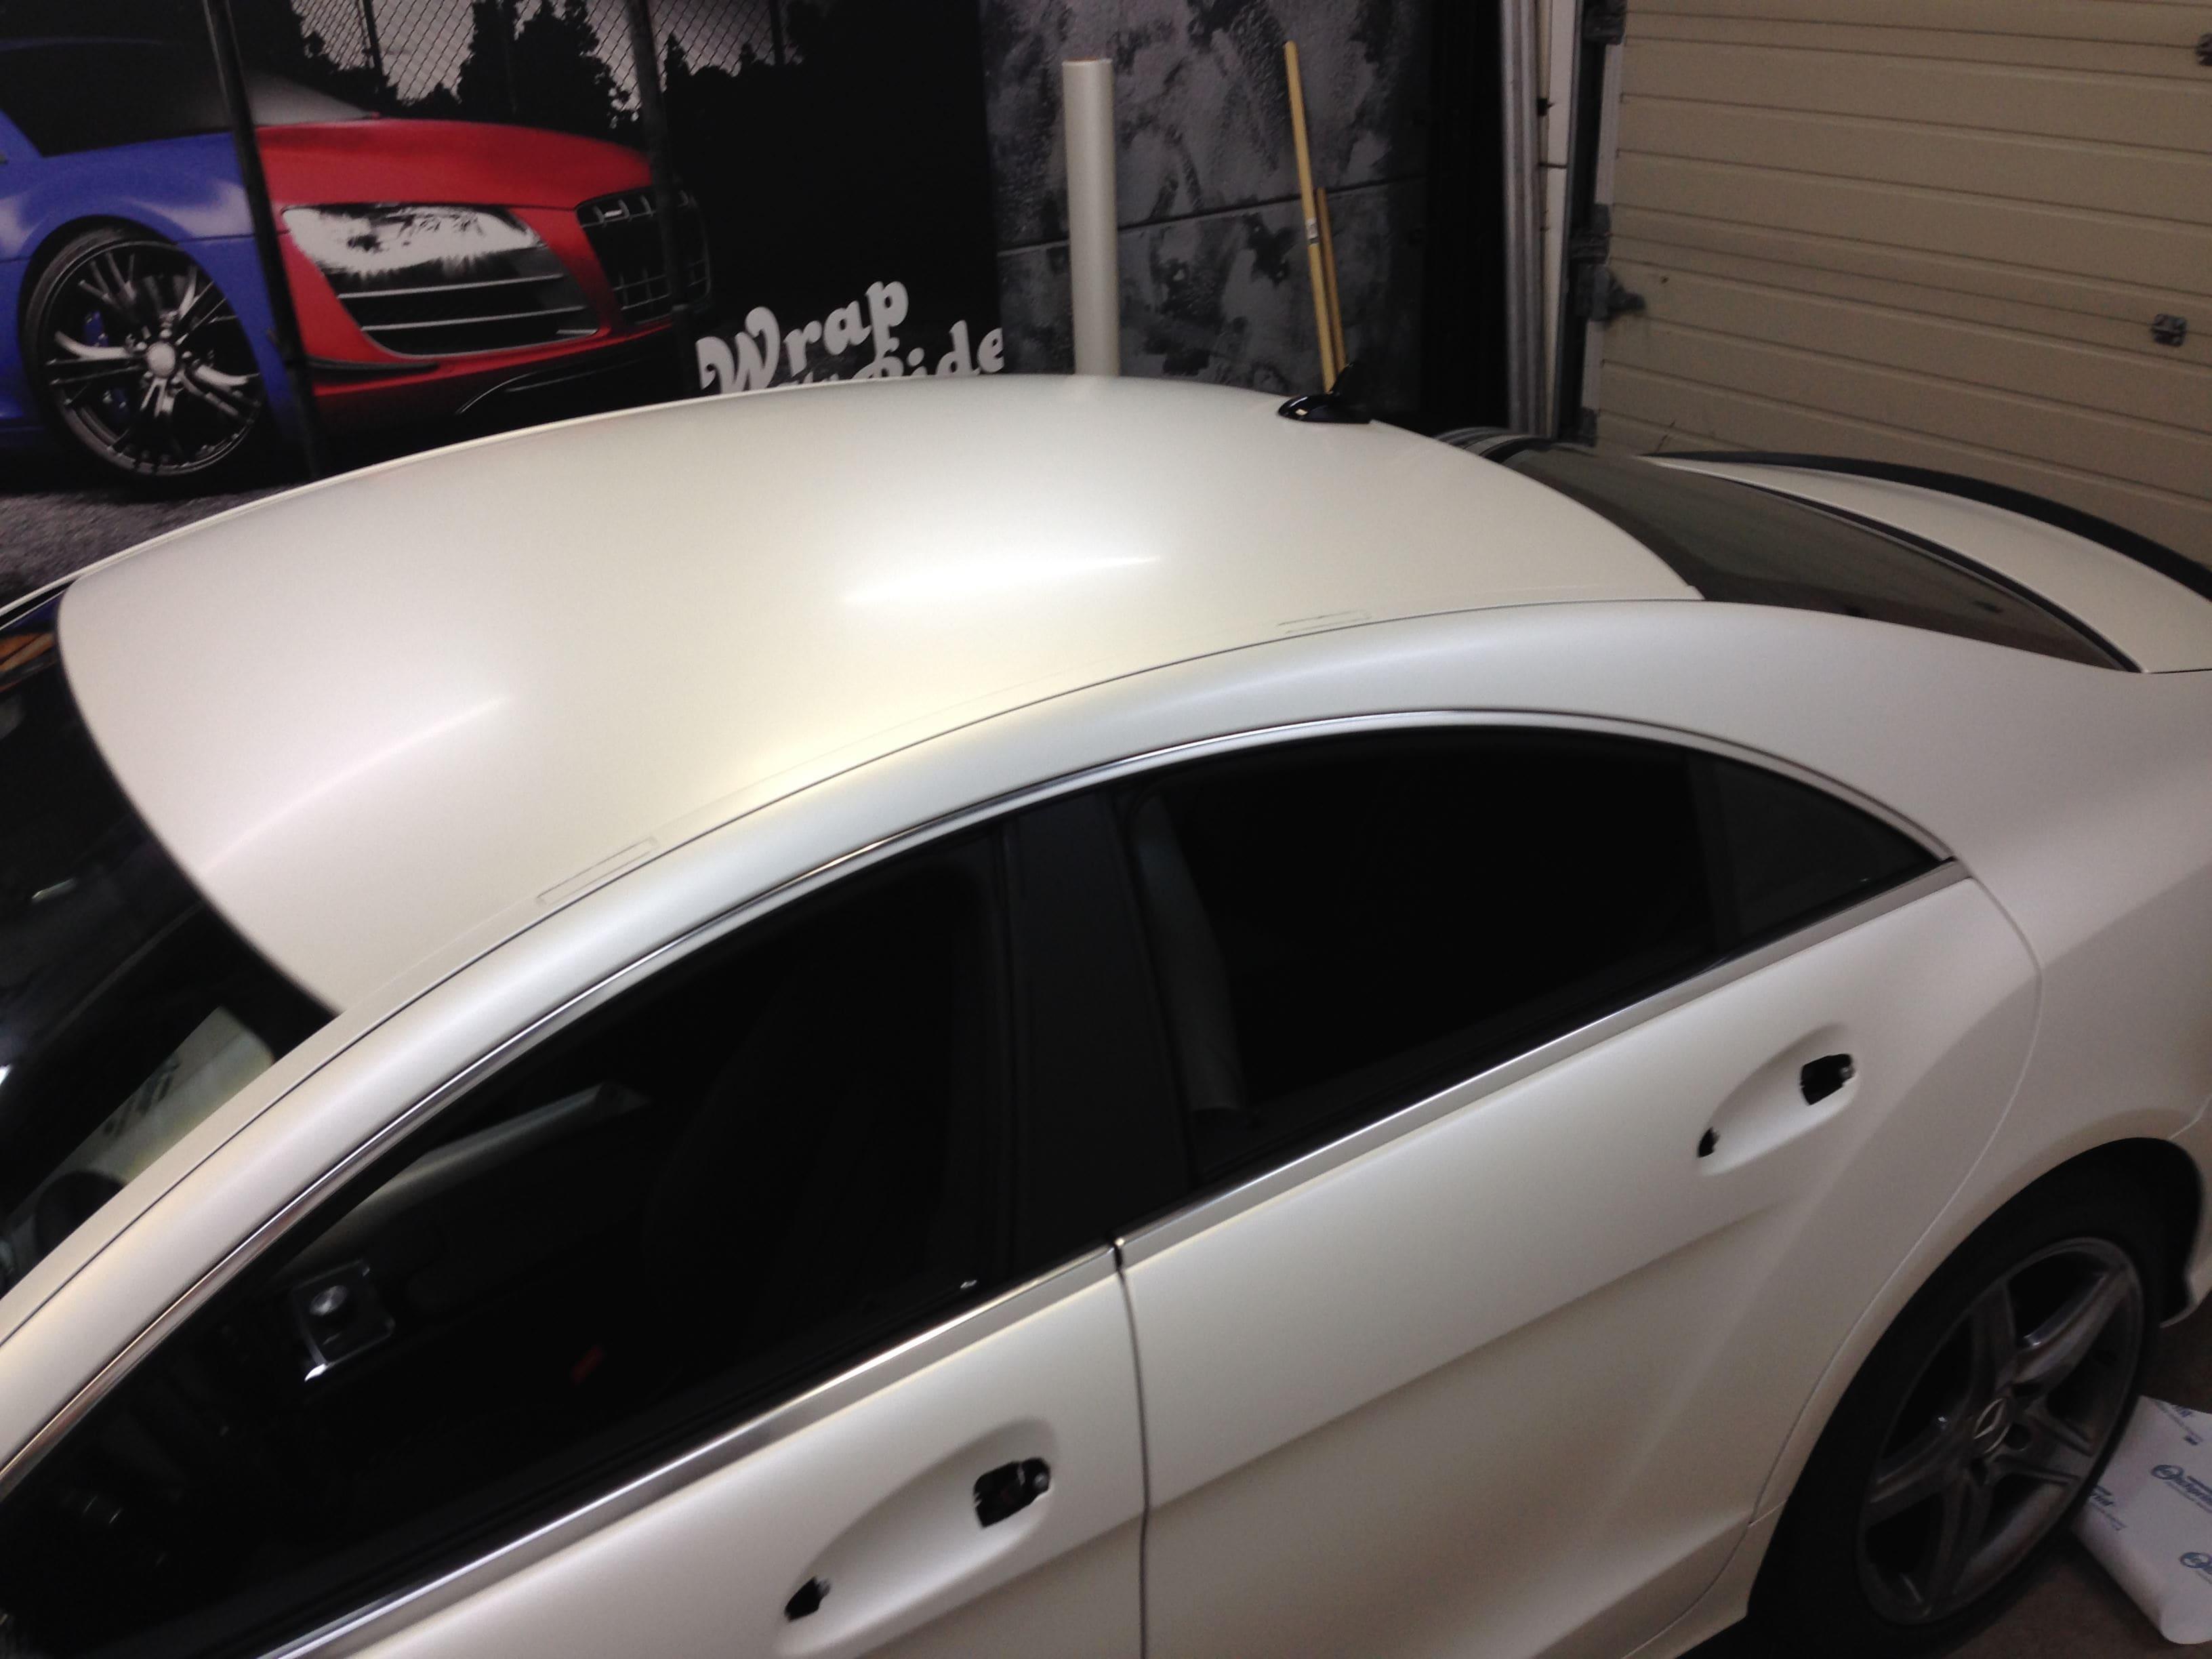 Mercedes CLS met White Satin Pearl Wrap, Carwrapping door Wrapmyride.nu Foto-nr:6195, ©2021